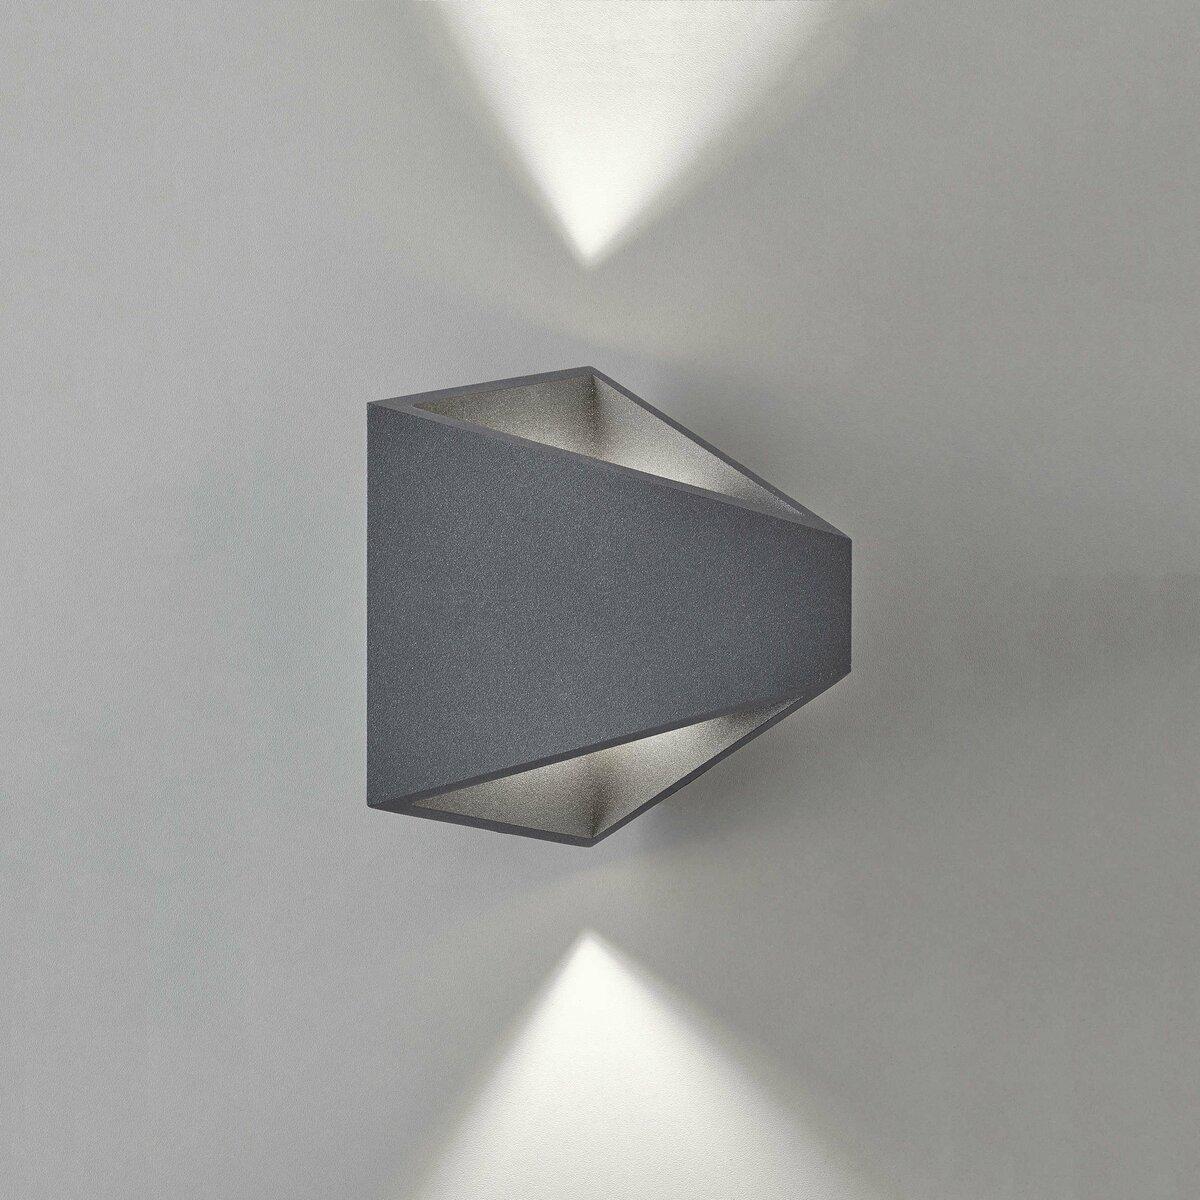 Bild 1 von AEG LED-Außenwandleuchte   Lakil